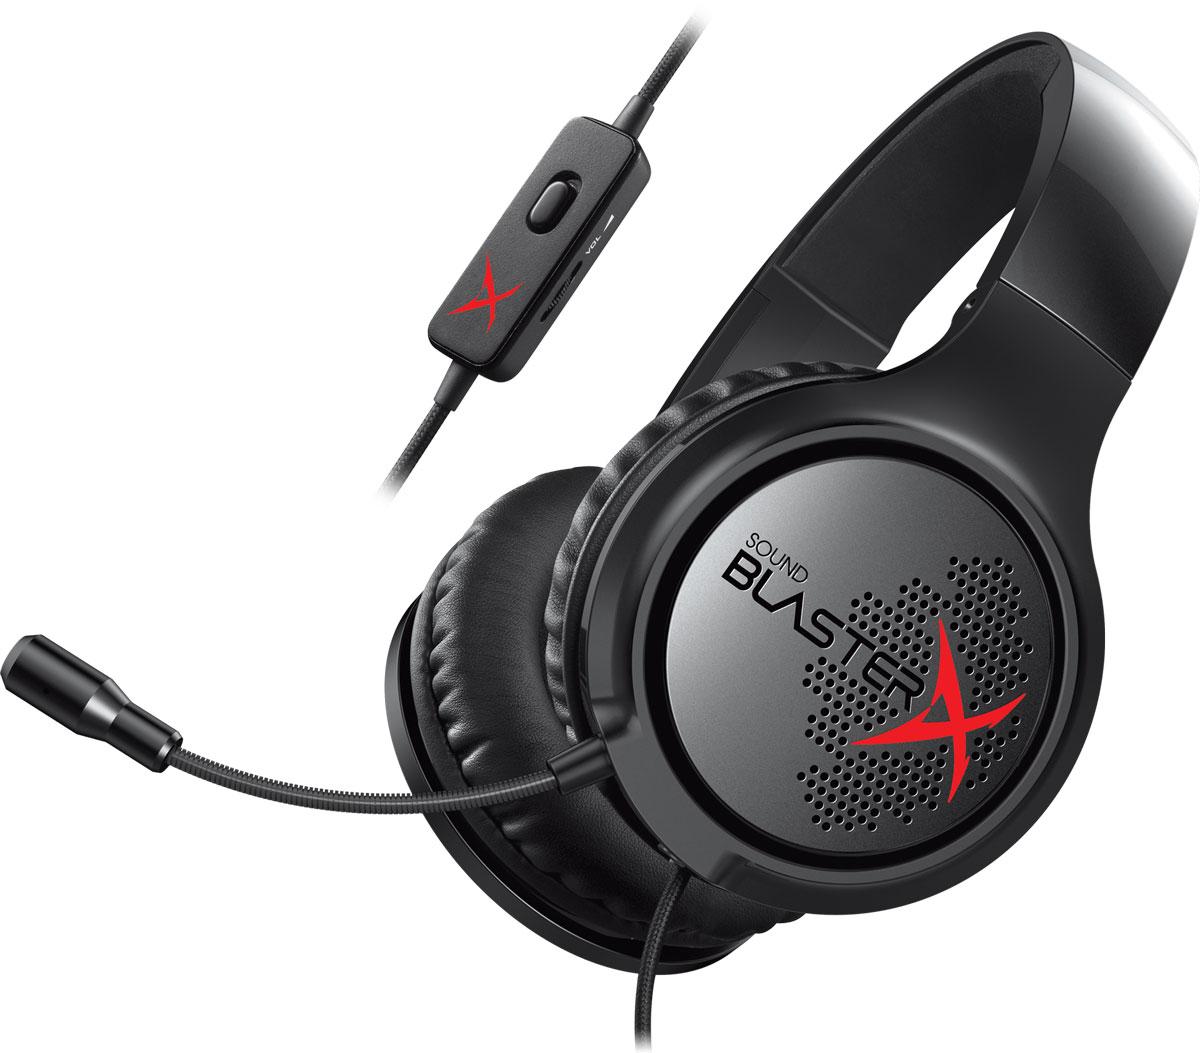 Creative Sound BlasterX H3, Black наушники70GH034000000Гарнитура Creative Sound BlasterX H3 создана для обеспечения портативности и комфорта. Легкая и комфортная портативная аналоговая игровая гарнитура. Просто сложите гарнитуру и отправьтесь покорять вершины киберспорта. Гарнитура Sound BlasterX H3 рассчитана на самые жесткие условиям эксплуатации. Она выполнена из прочной противоударной пластиковой конструкции, которая достаточно жесткая, чтобы выдерживать удары и толчки во время путешествий. Сложите чашки наушников, чтобы гарнитура занимала минимум места в вашем рюкзаке, в который надо еще вместить клавиатуру, мышь и коврик. Амбушюры гарнитуры Creative Sound BlasterX H3 из стильной искусственной кожи, помогут вам сосредоточиться на игровом процессе на протяжении всего дня и не отвлекаться ни на какие мелочи. И не важно, носите вы очки или нет - теперь вы можете окунуться в игровой процесс на много часов без намека на усталость. Гарнитура Sound BlasterX H3 оснащена чувствительными...